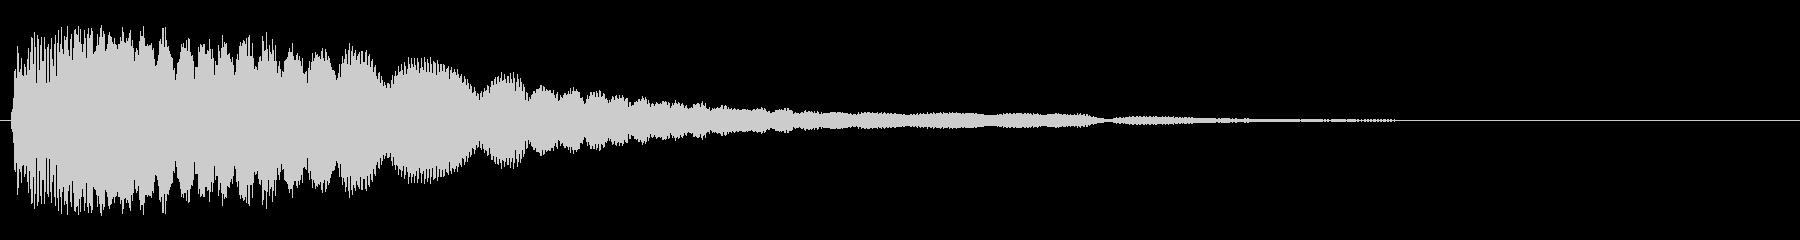 キラーンというかわいらしい音の未再生の波形